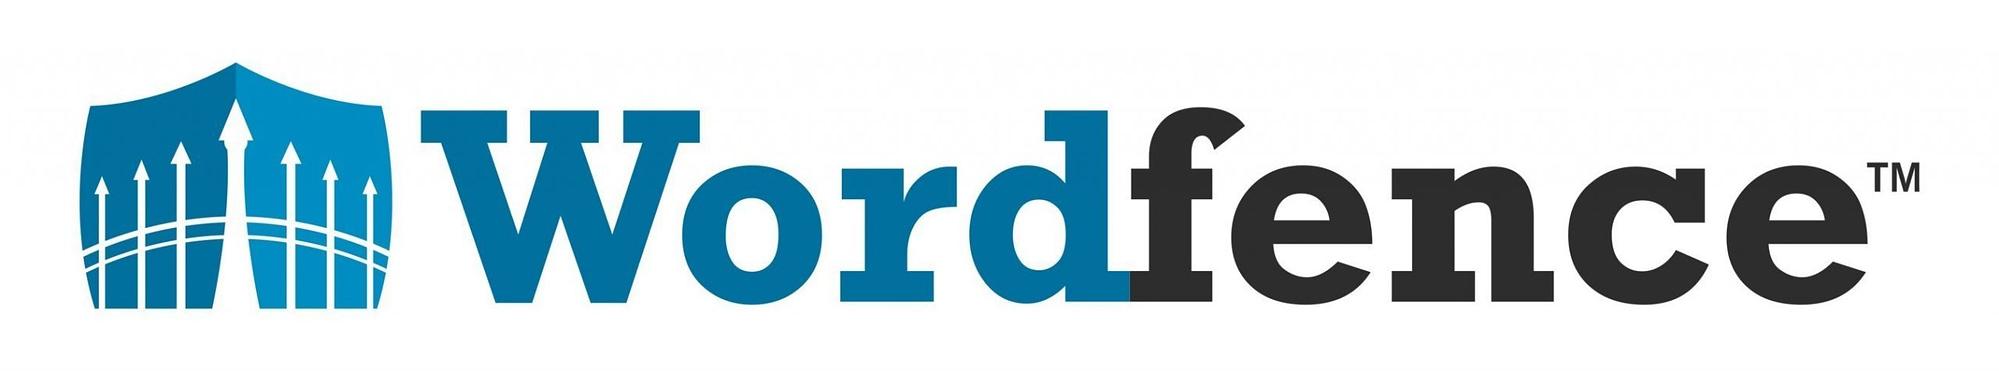 wordfence logo scaled